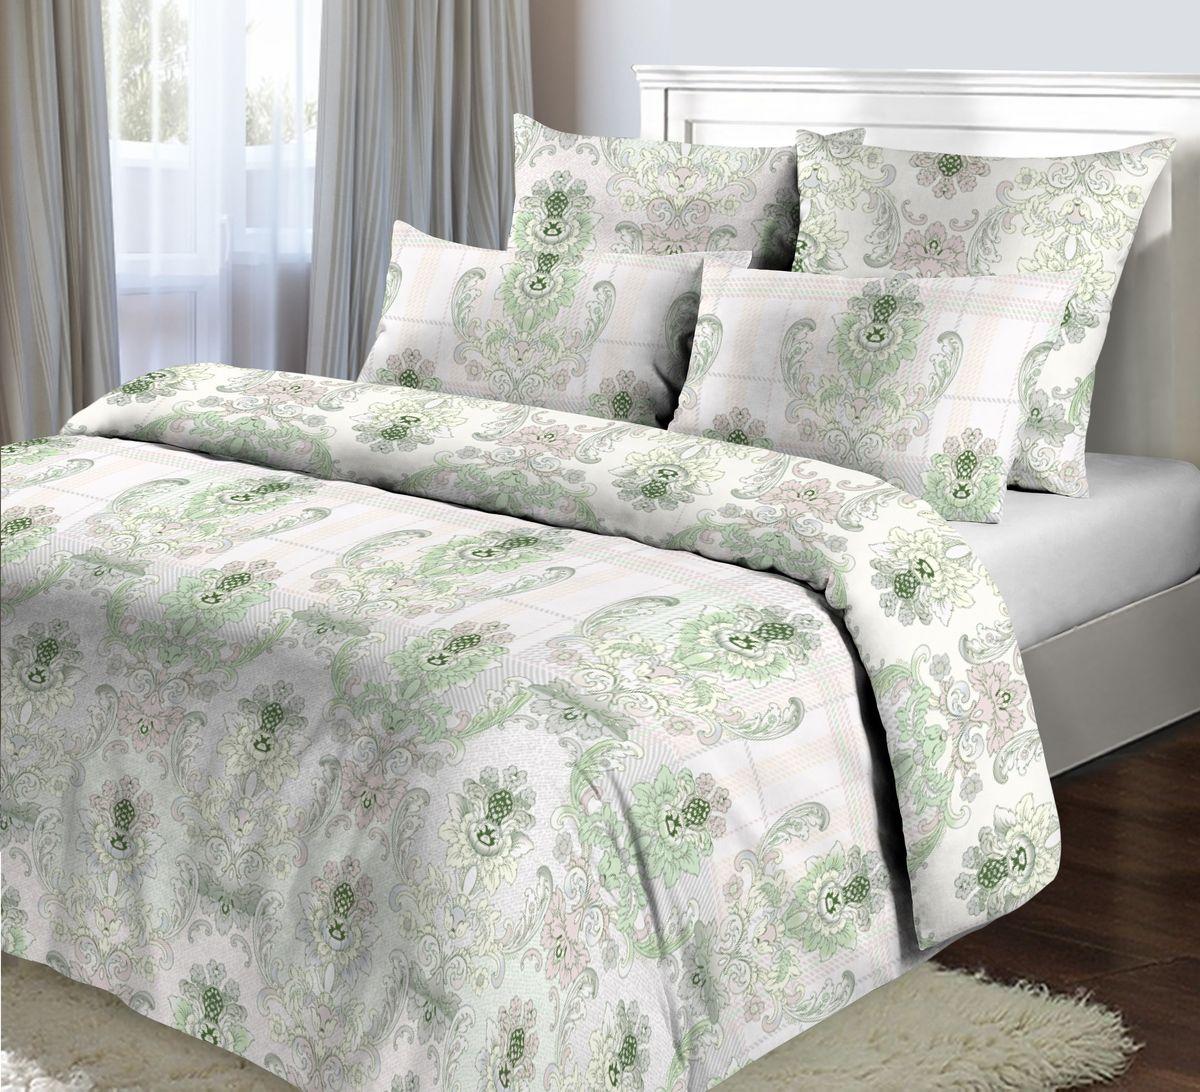 Комплект белья Коллекция Рафаэль-1, 2,5-спальный, наволочки 50х70ОБК-2,5/50 4281.5